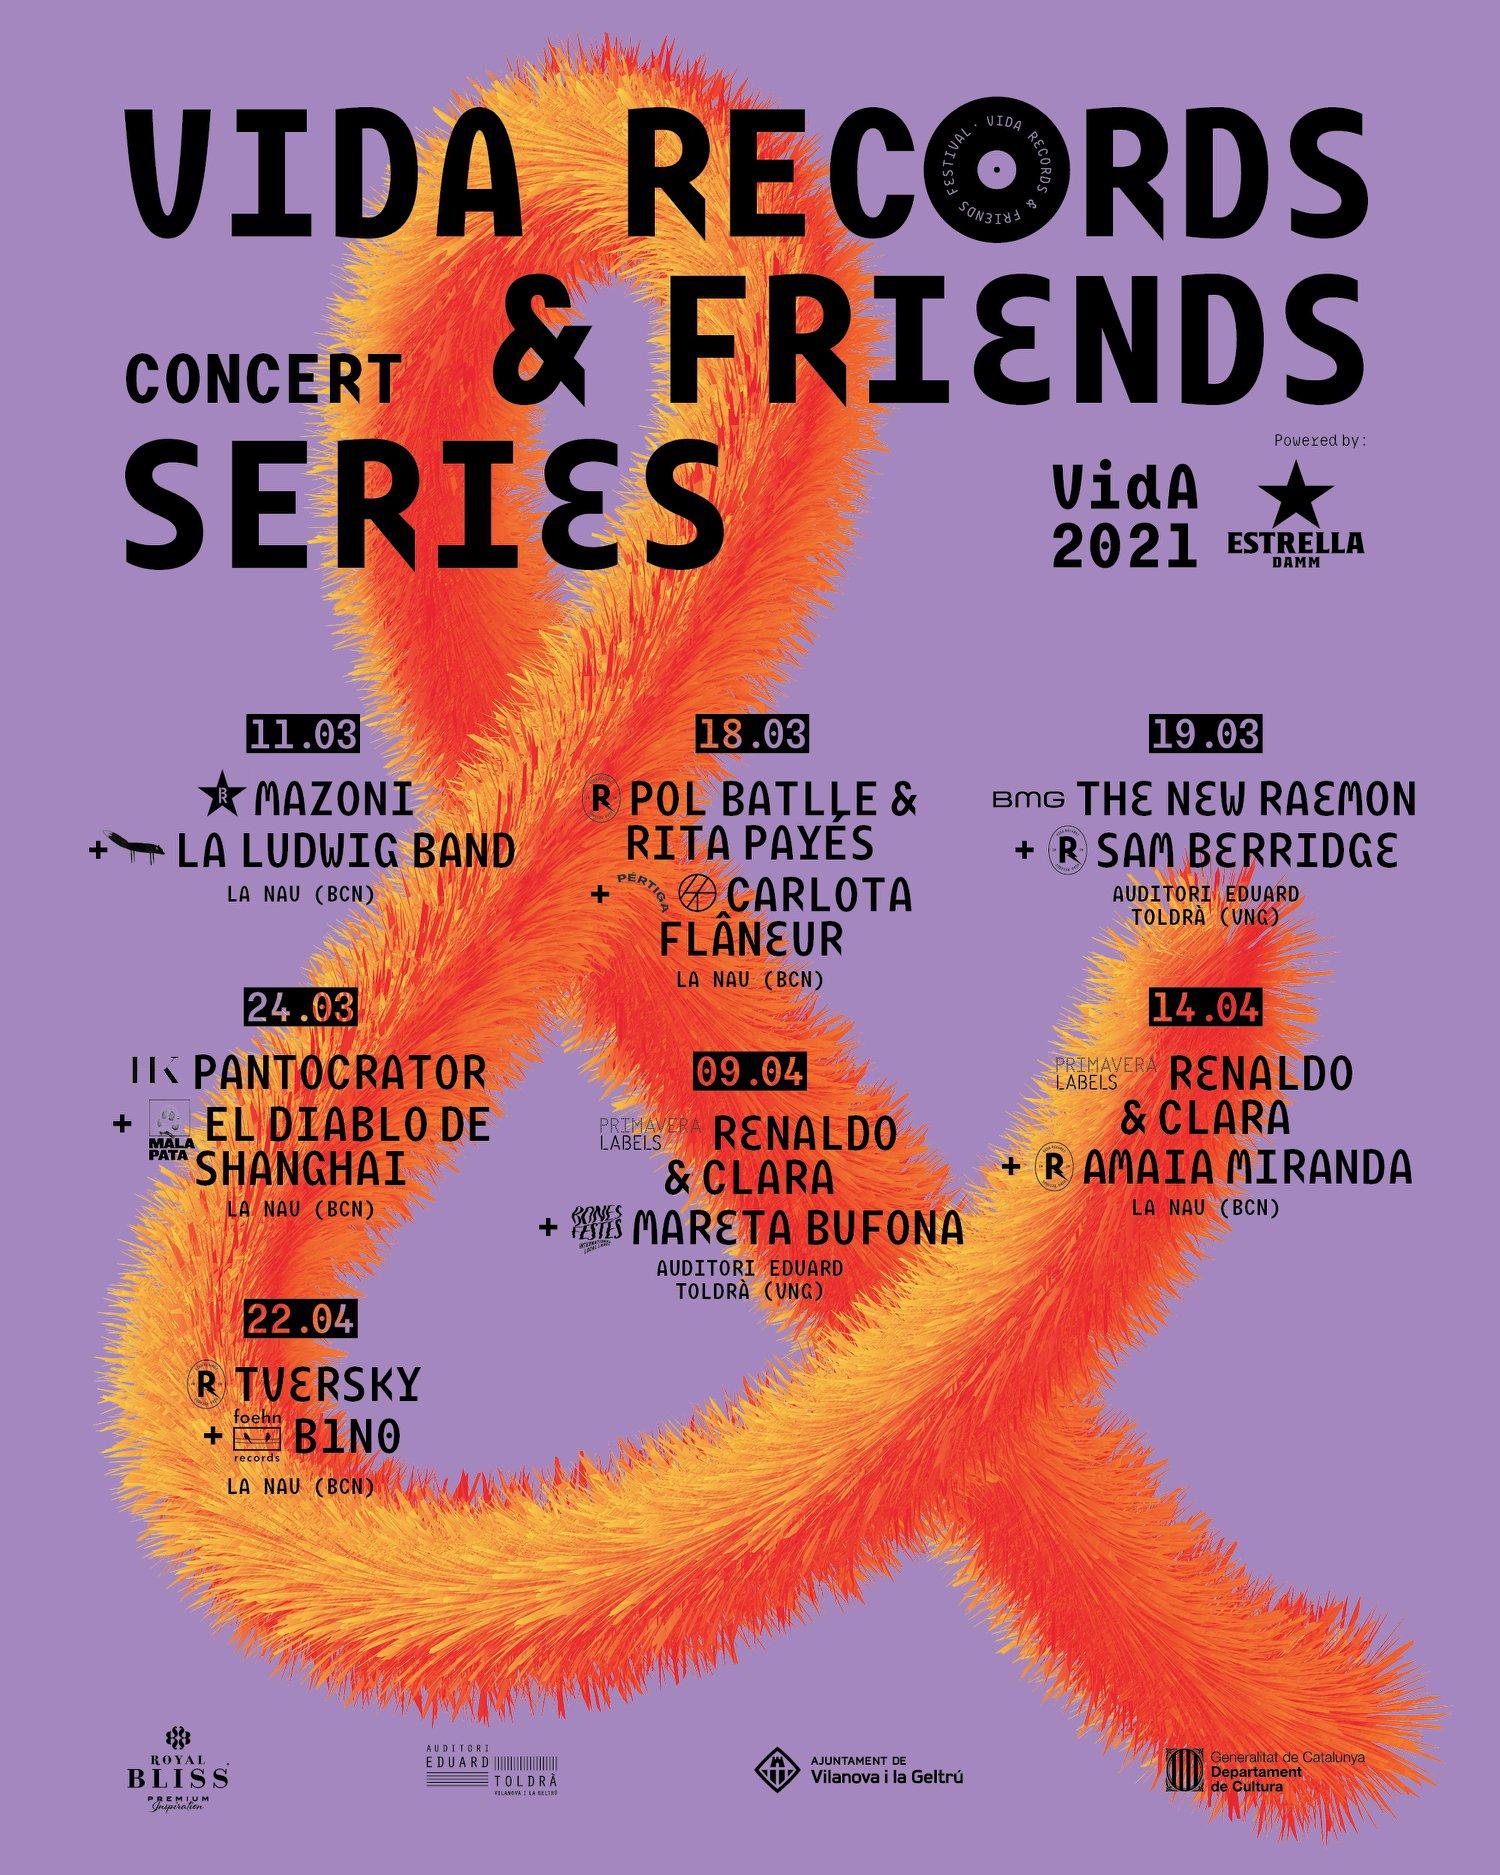 Nace Vida Records & Friends